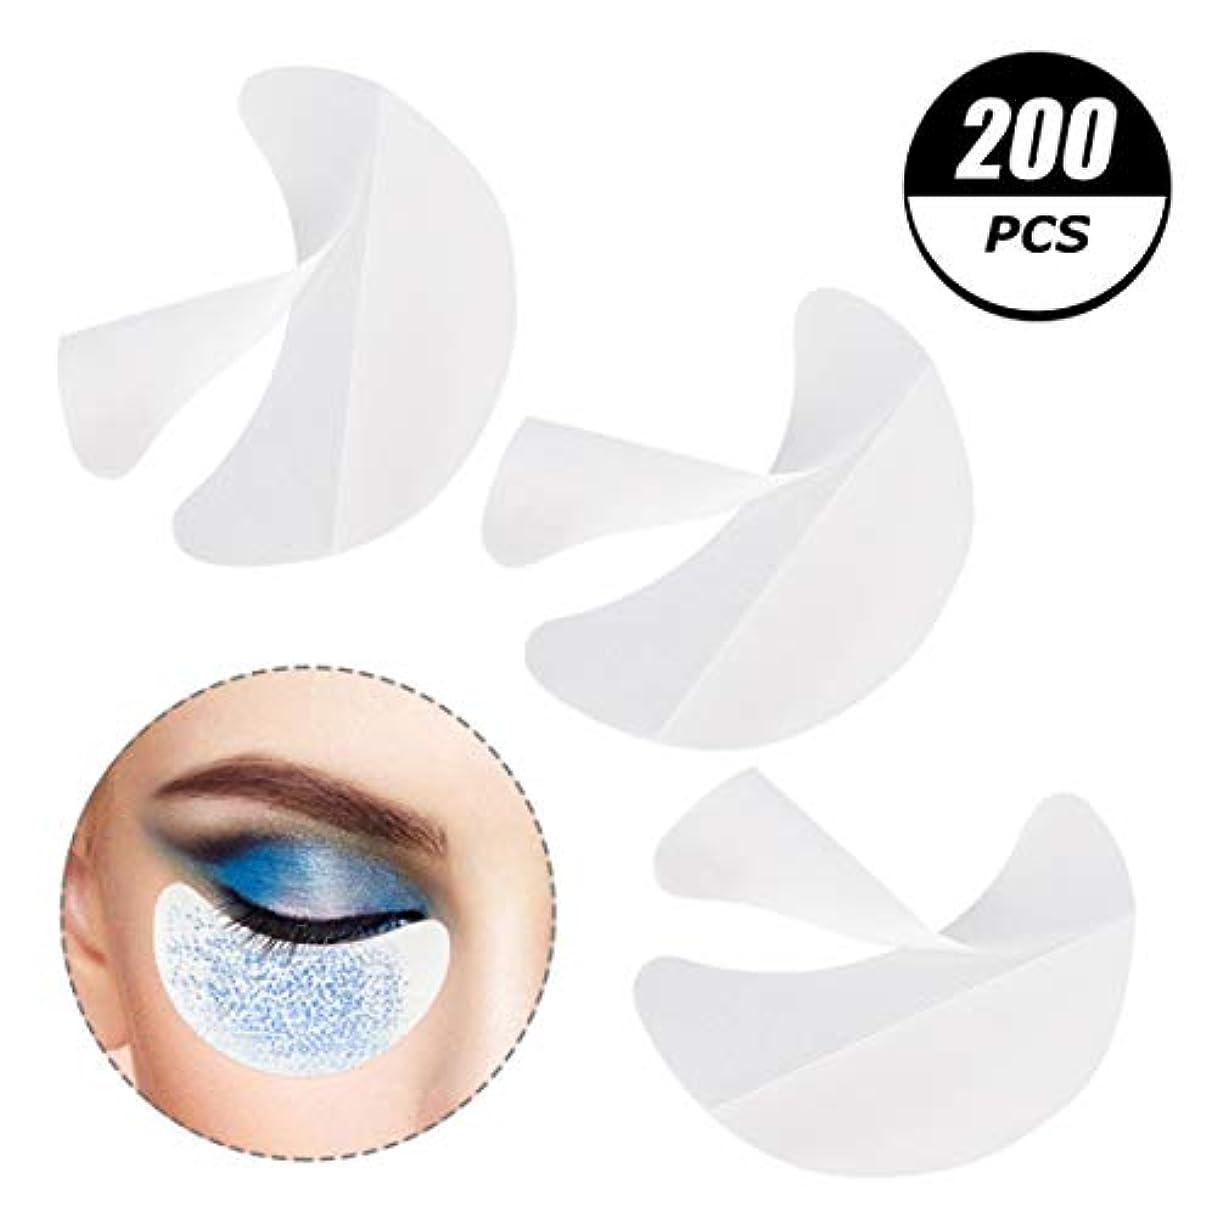 盗賊コンプライアンスライブQuzama-JS アイシャドー拡大、色合いと唇化粧残渣化粧品ツールを防止するためにアイシャドーシールドアイシャドーステンシル